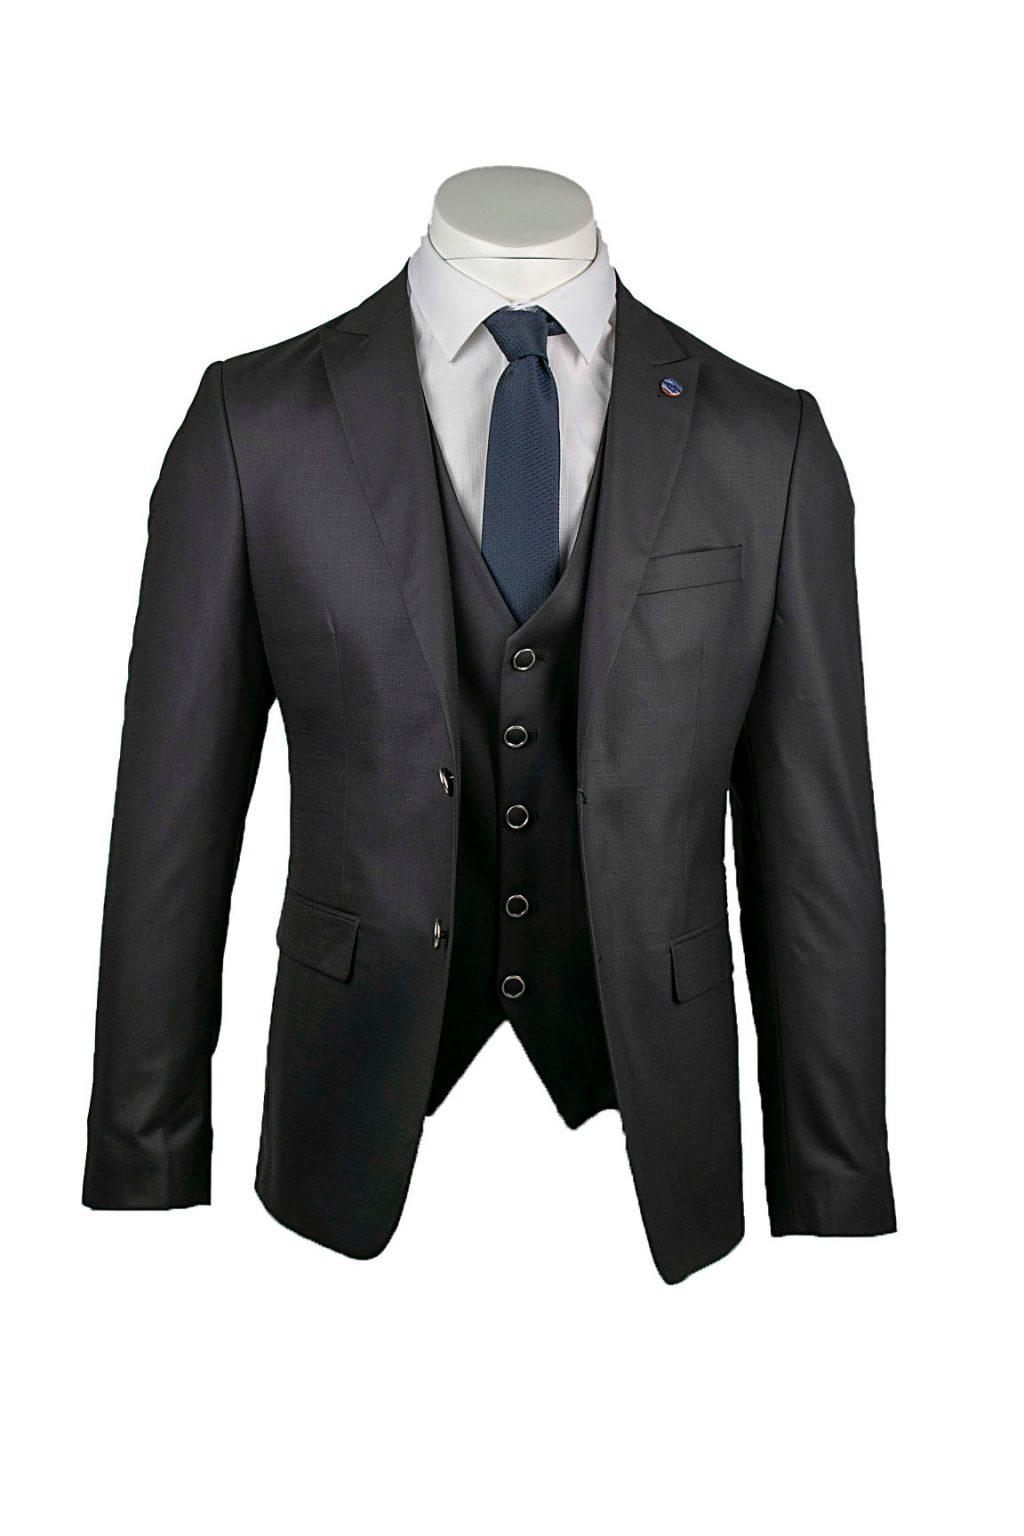 Ανδρικό Κοστούμι Massimo Veneziani (BOGART) Μαύρο